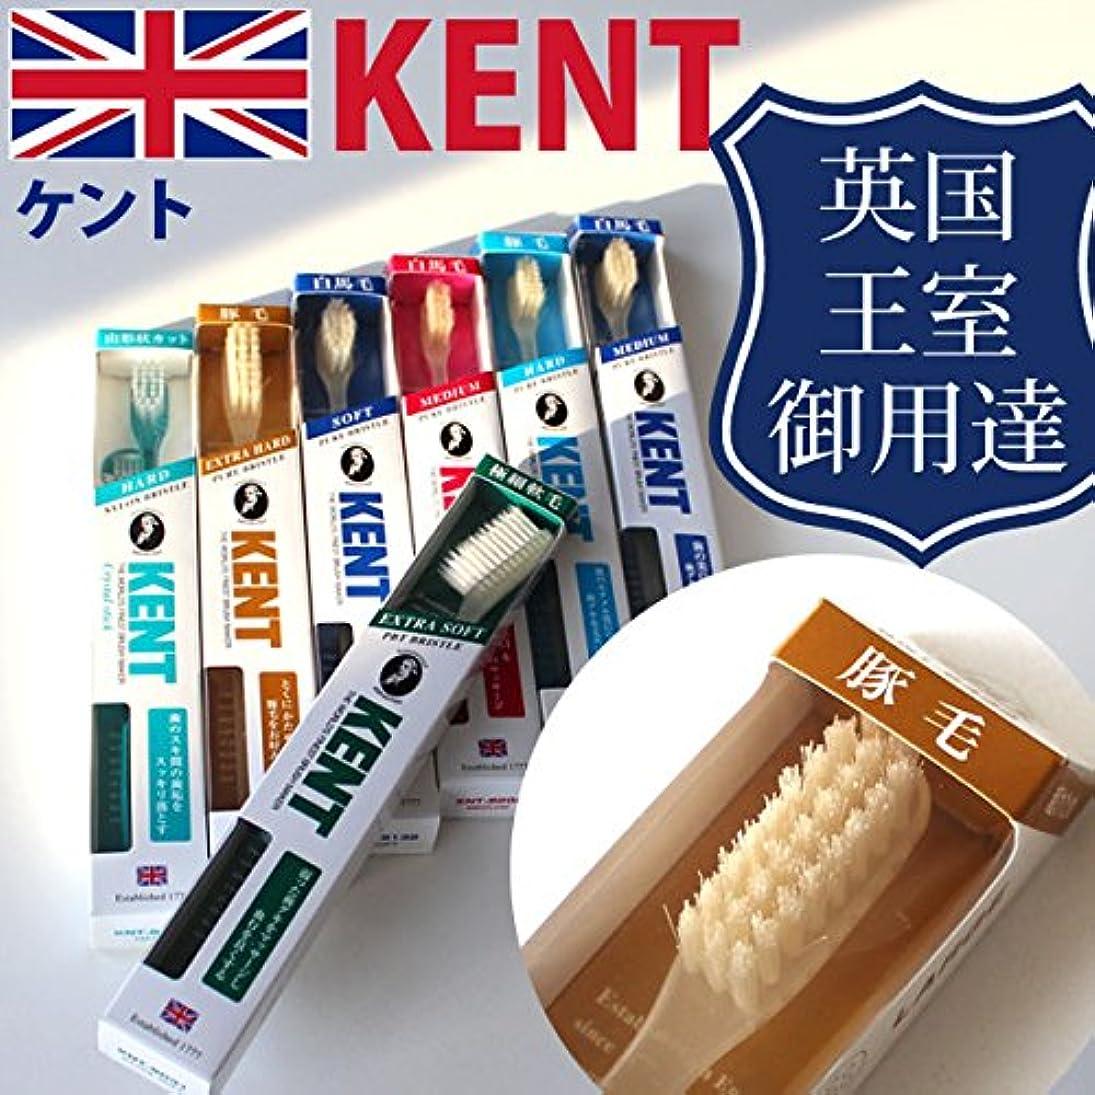 試みる生む簡単にケント KENT 豚毛 コンパクト 歯ブラシKNT-9233/9833単品108 ふつう